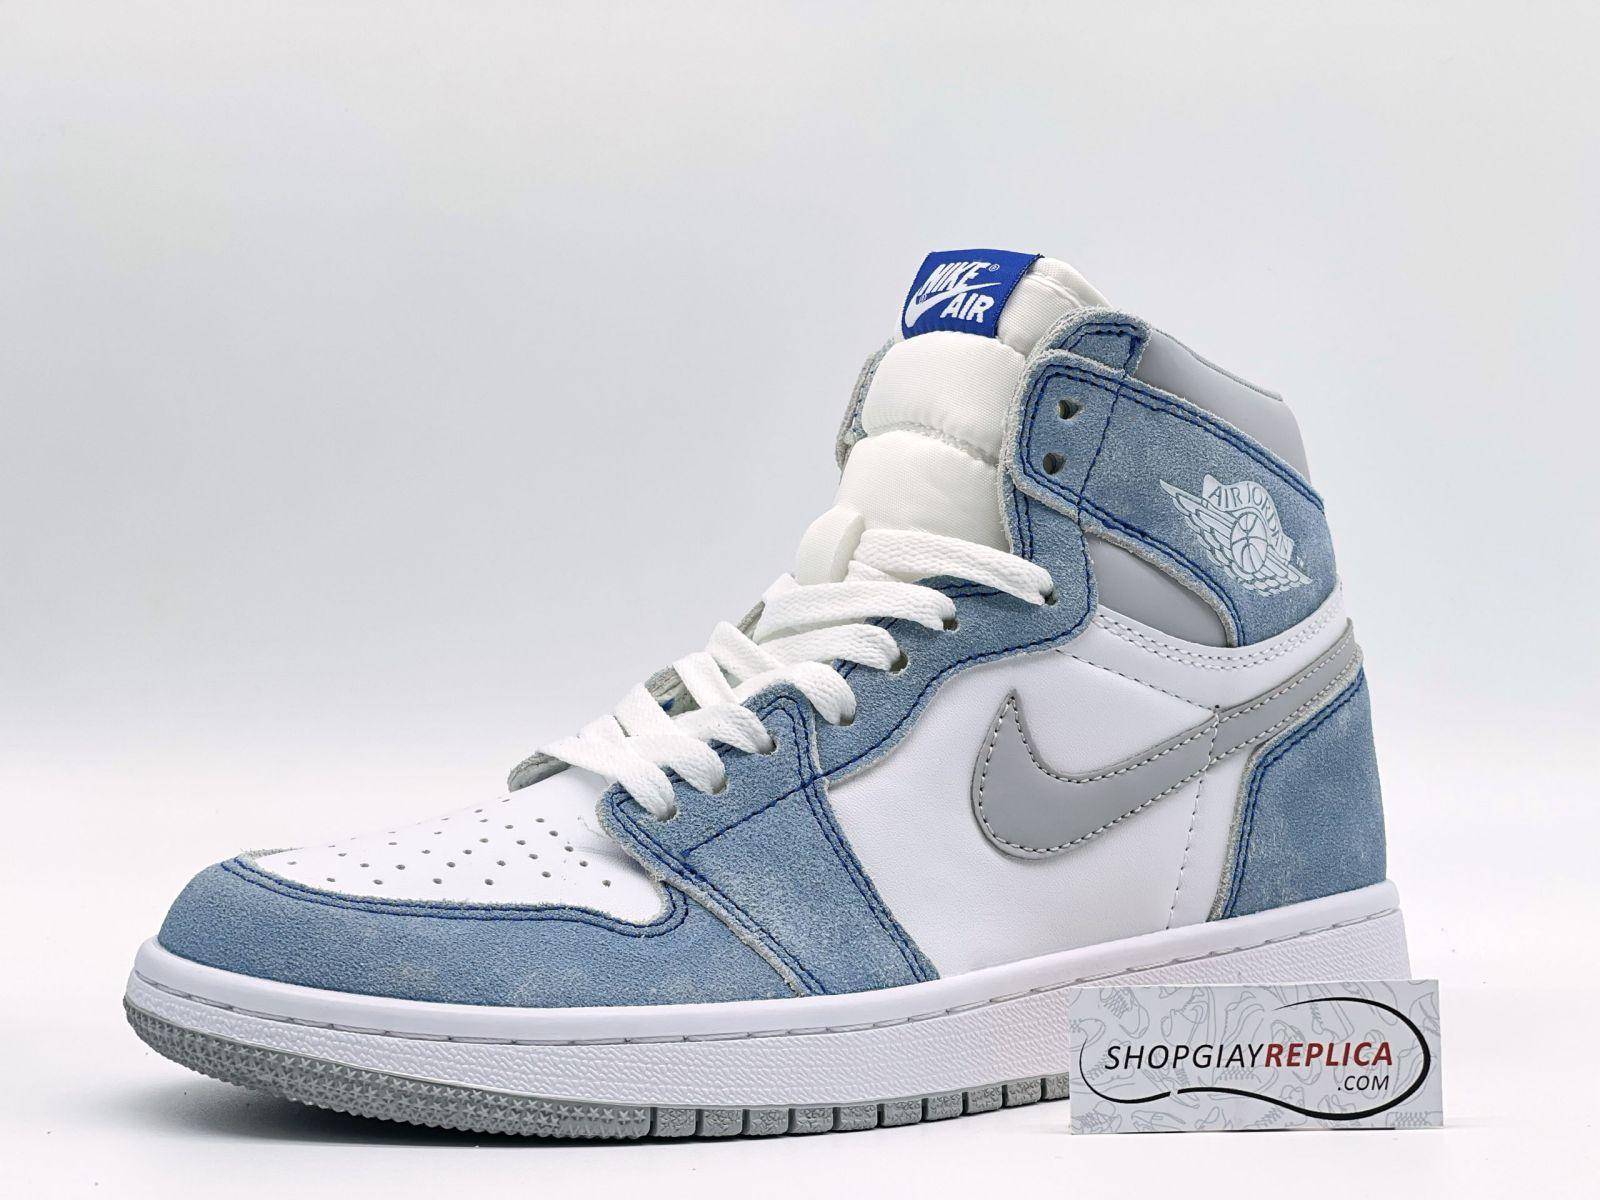 Nike Air Jordan 1 Hyper Royal 11